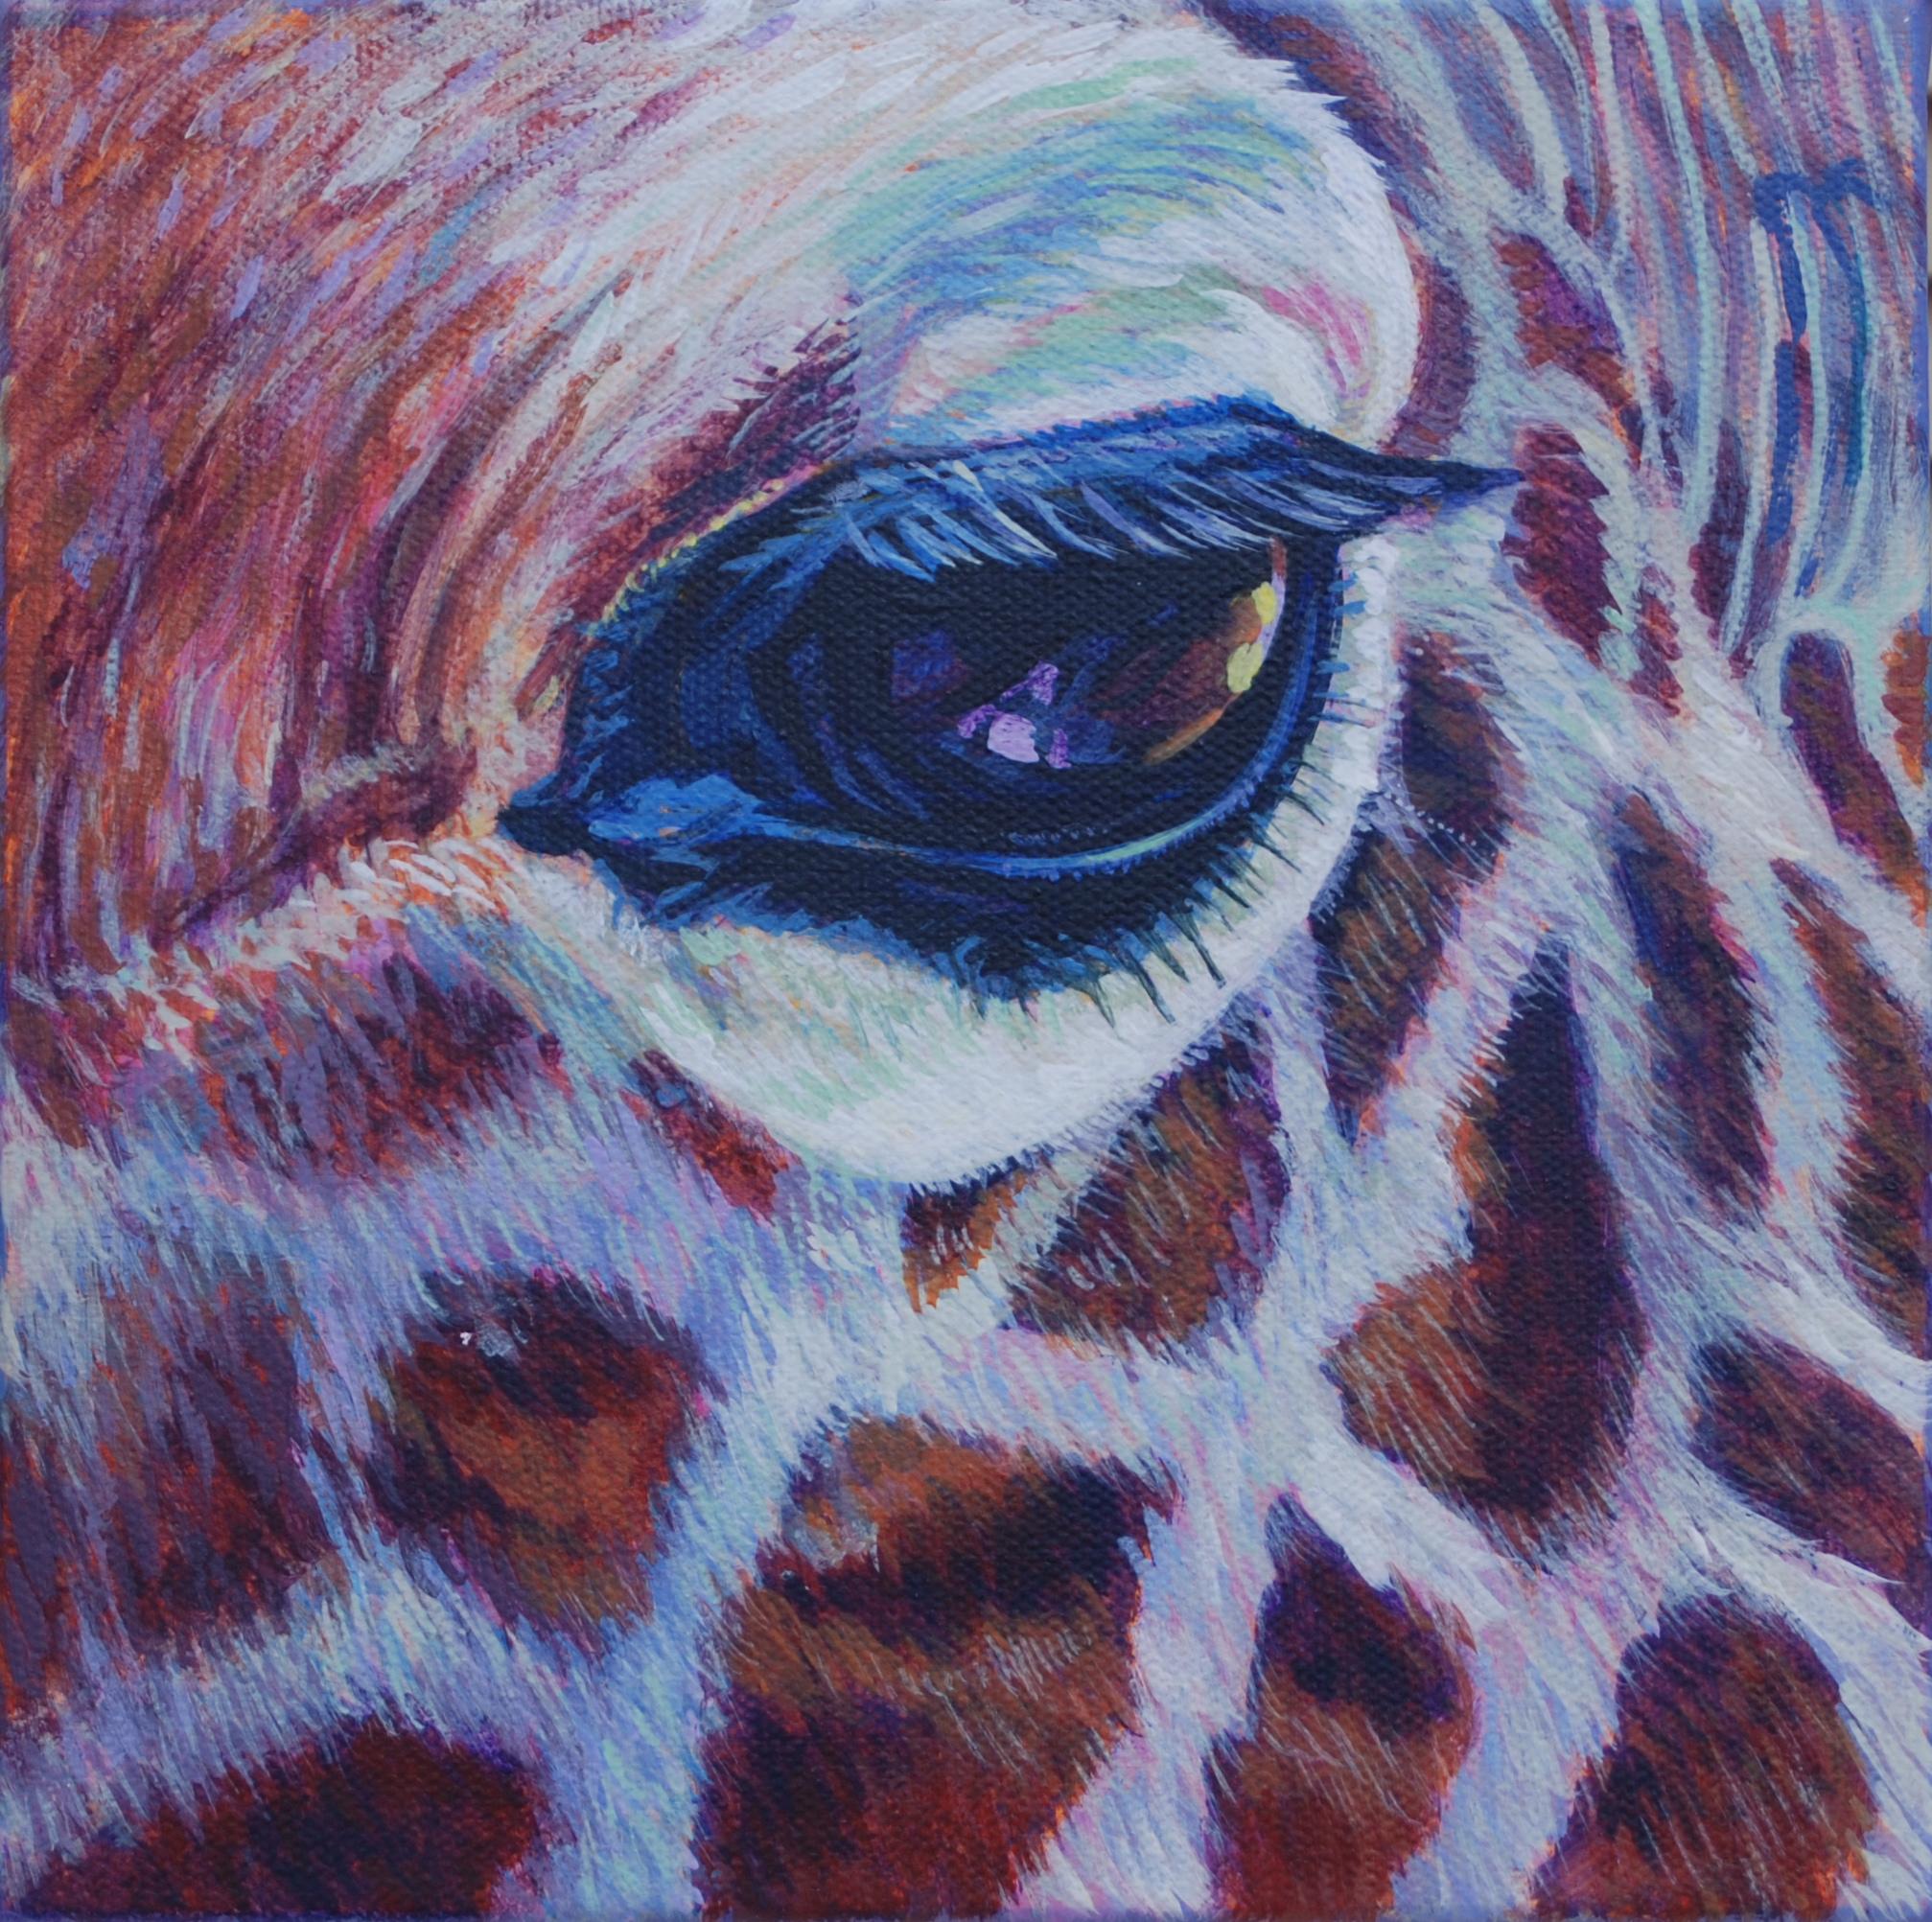 Giraffe eye